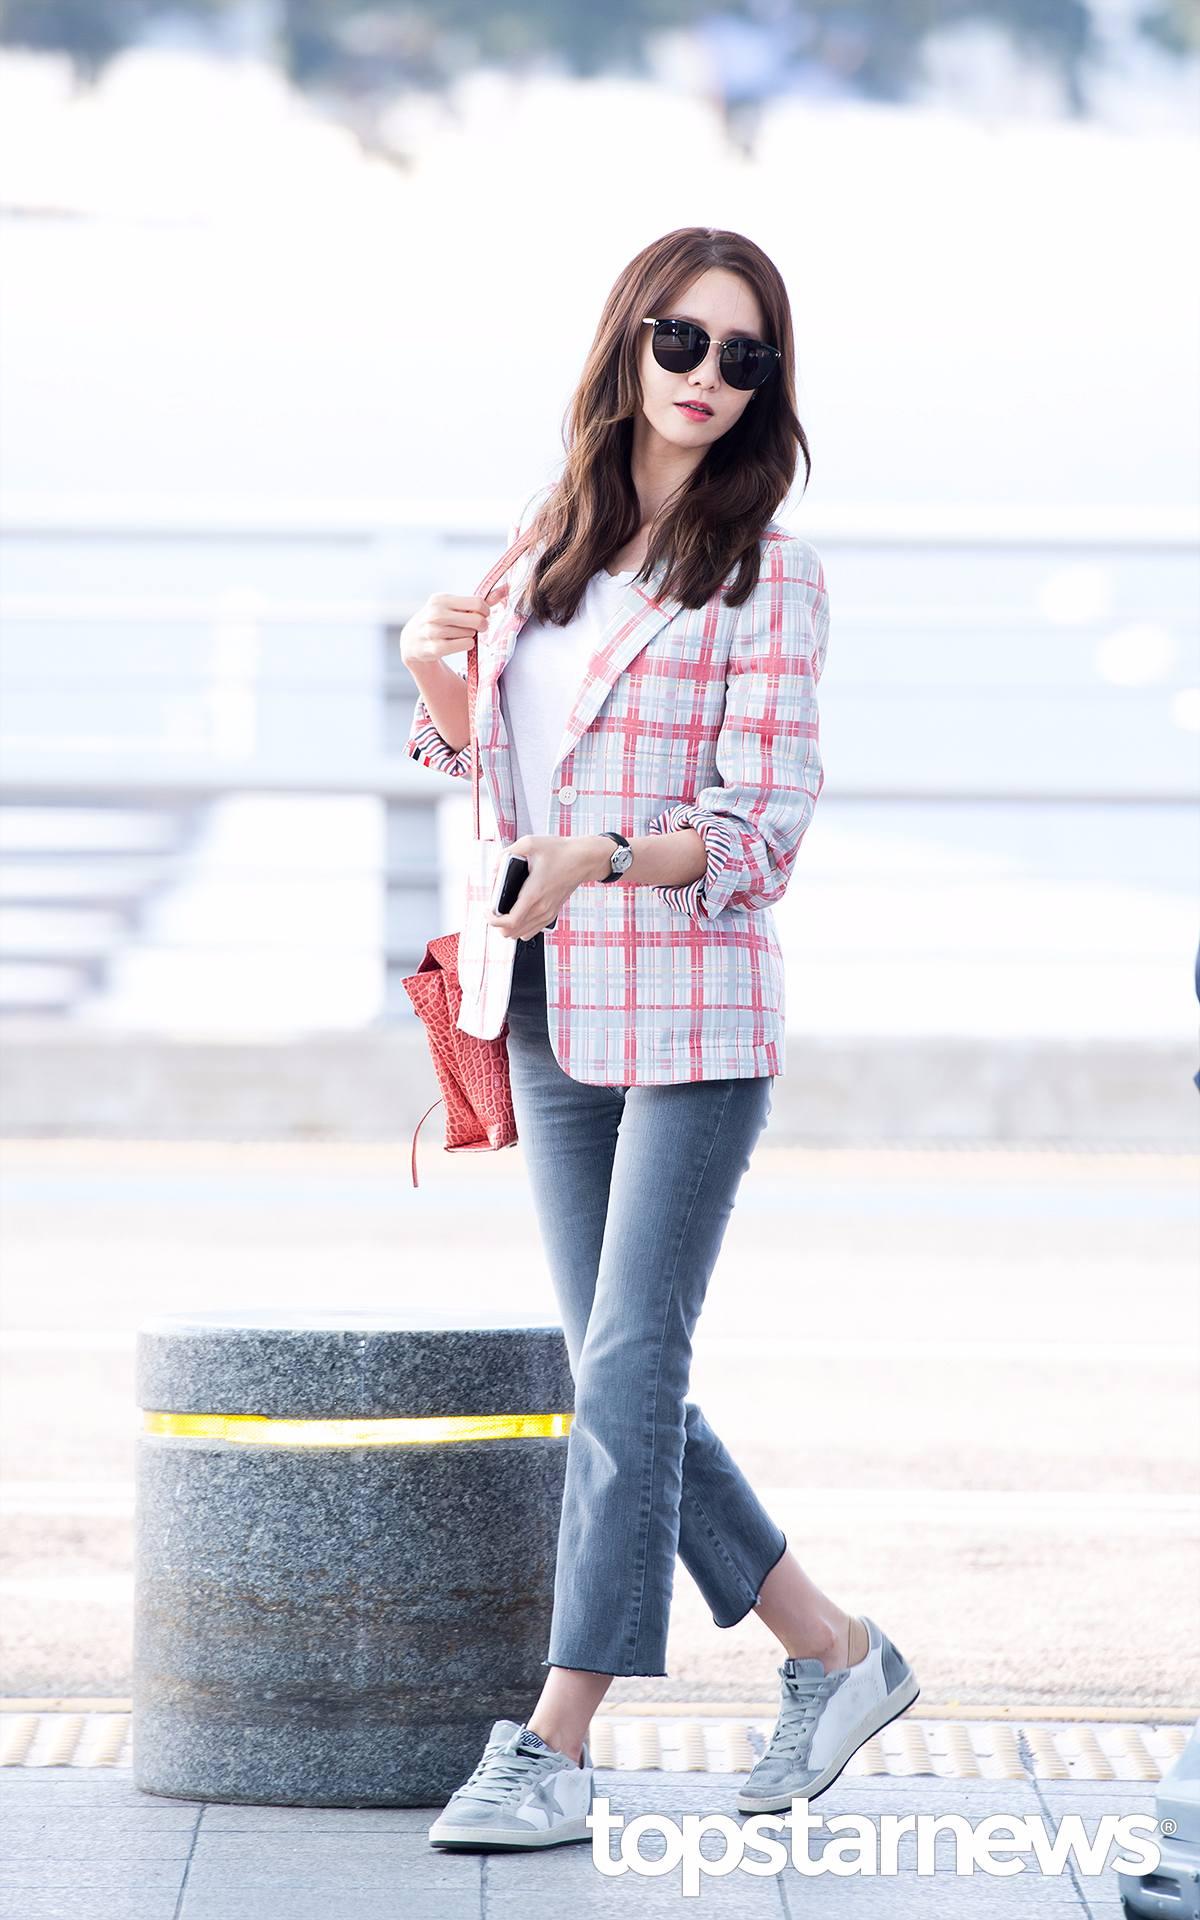 少女時代 - 潤娥 露出腳踝好像覺得潤娥更瘦了...